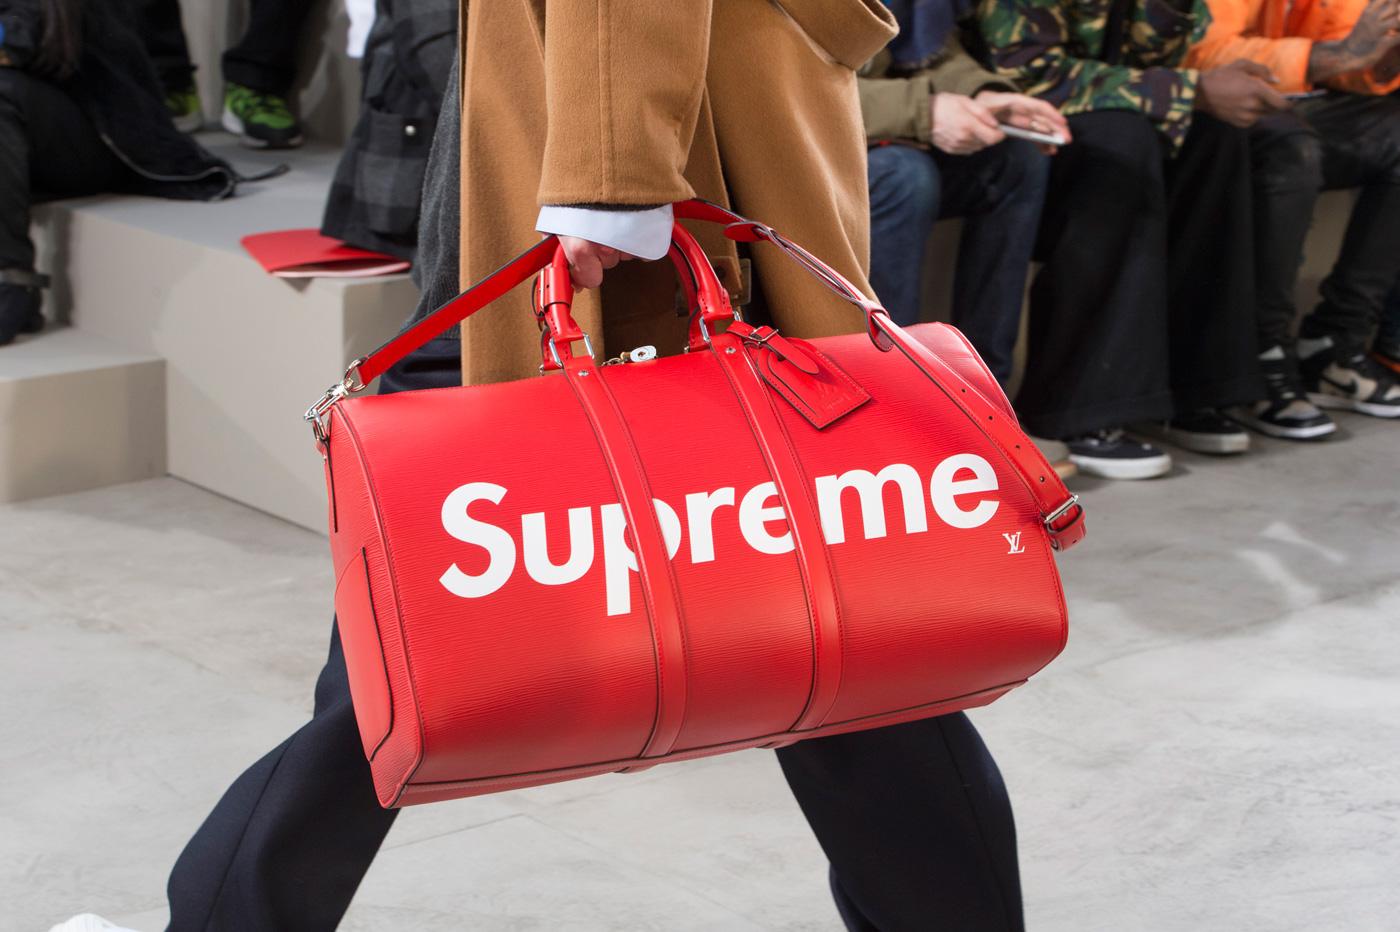 7d6f8e518e3f2 Kolekcja Louis Vuitton x Supreme zadebiutowała na wybiegu w Paryżu!